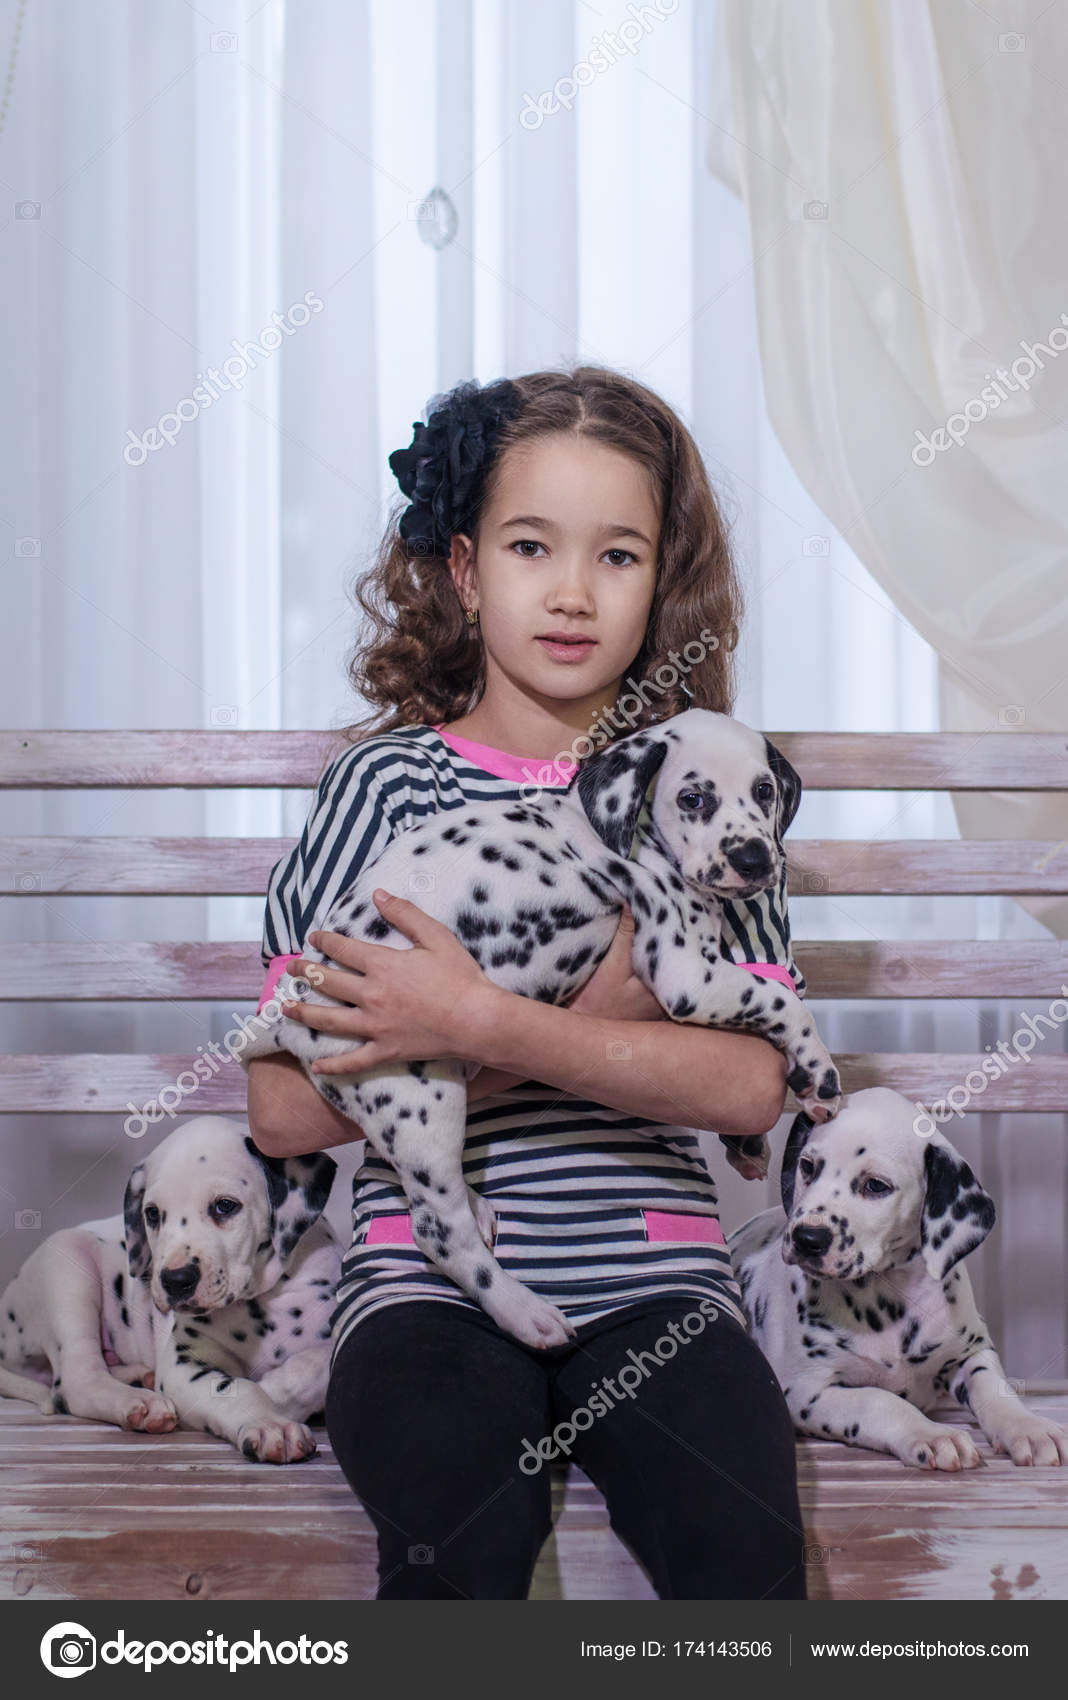 c6b0e2cc4a3 Χαριτωμένο νεαρή κοπέλα παίζει με τα σκυλάκια της Δαλματίας. Σε εσωτερικούς  χώρους. Στούντιο πορτρέτου